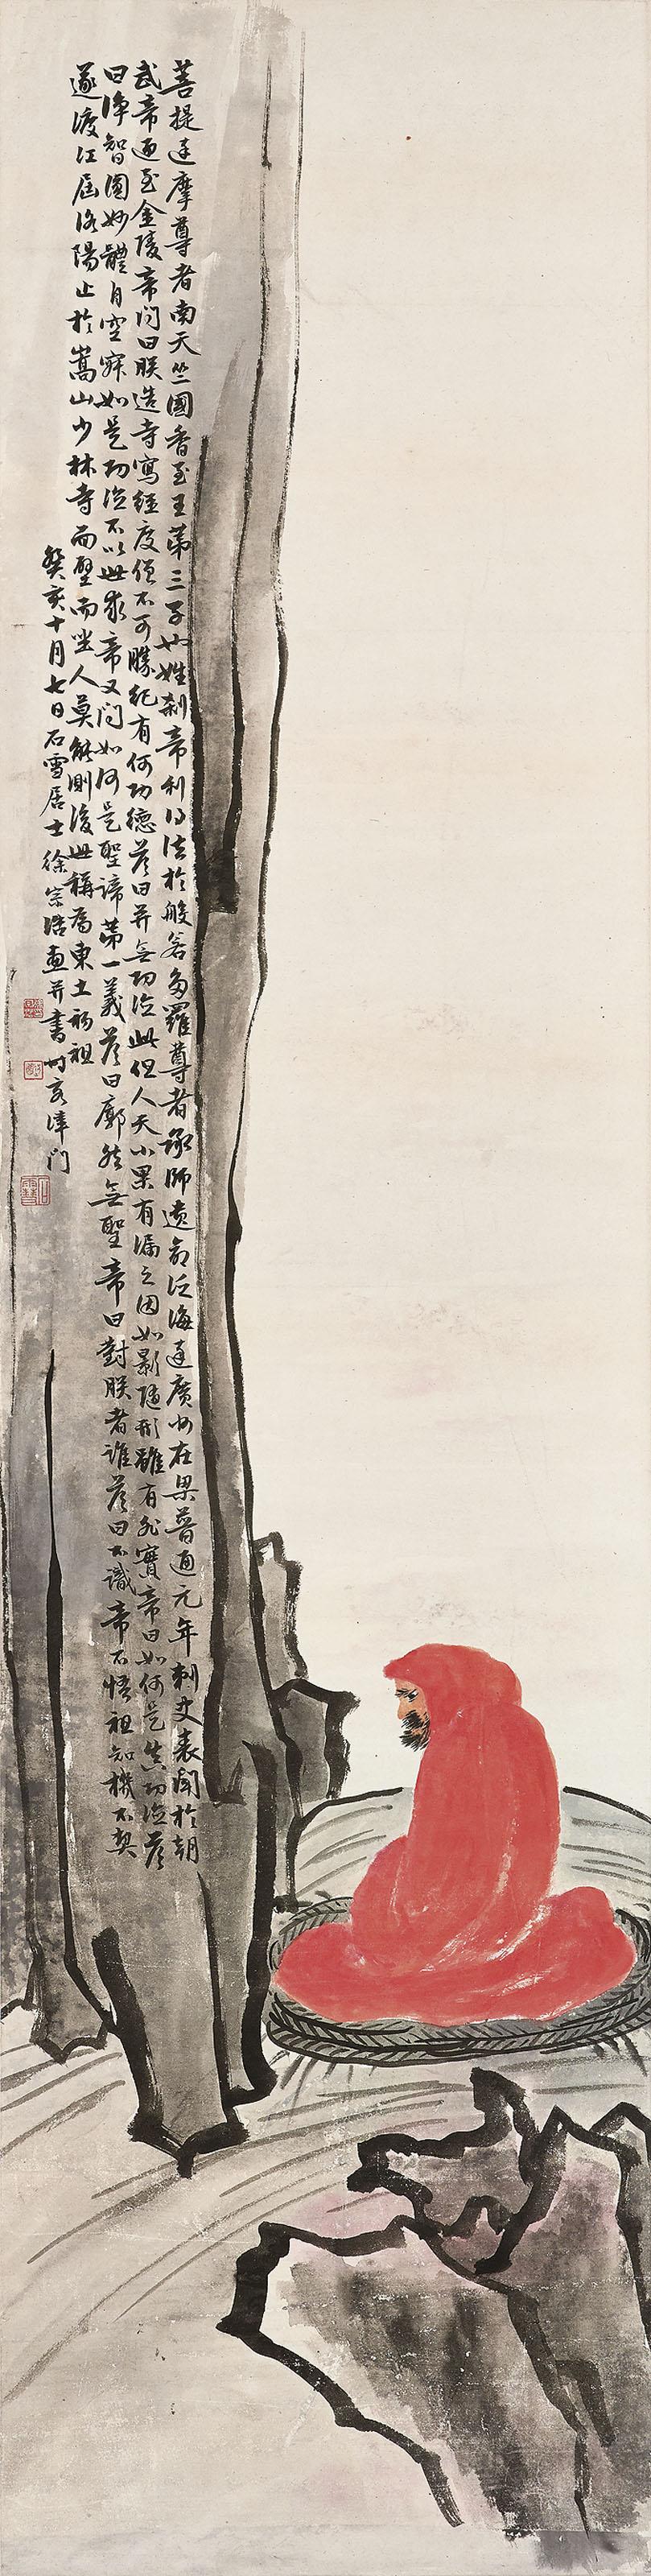 XU ZONGHAO (1880-1957)